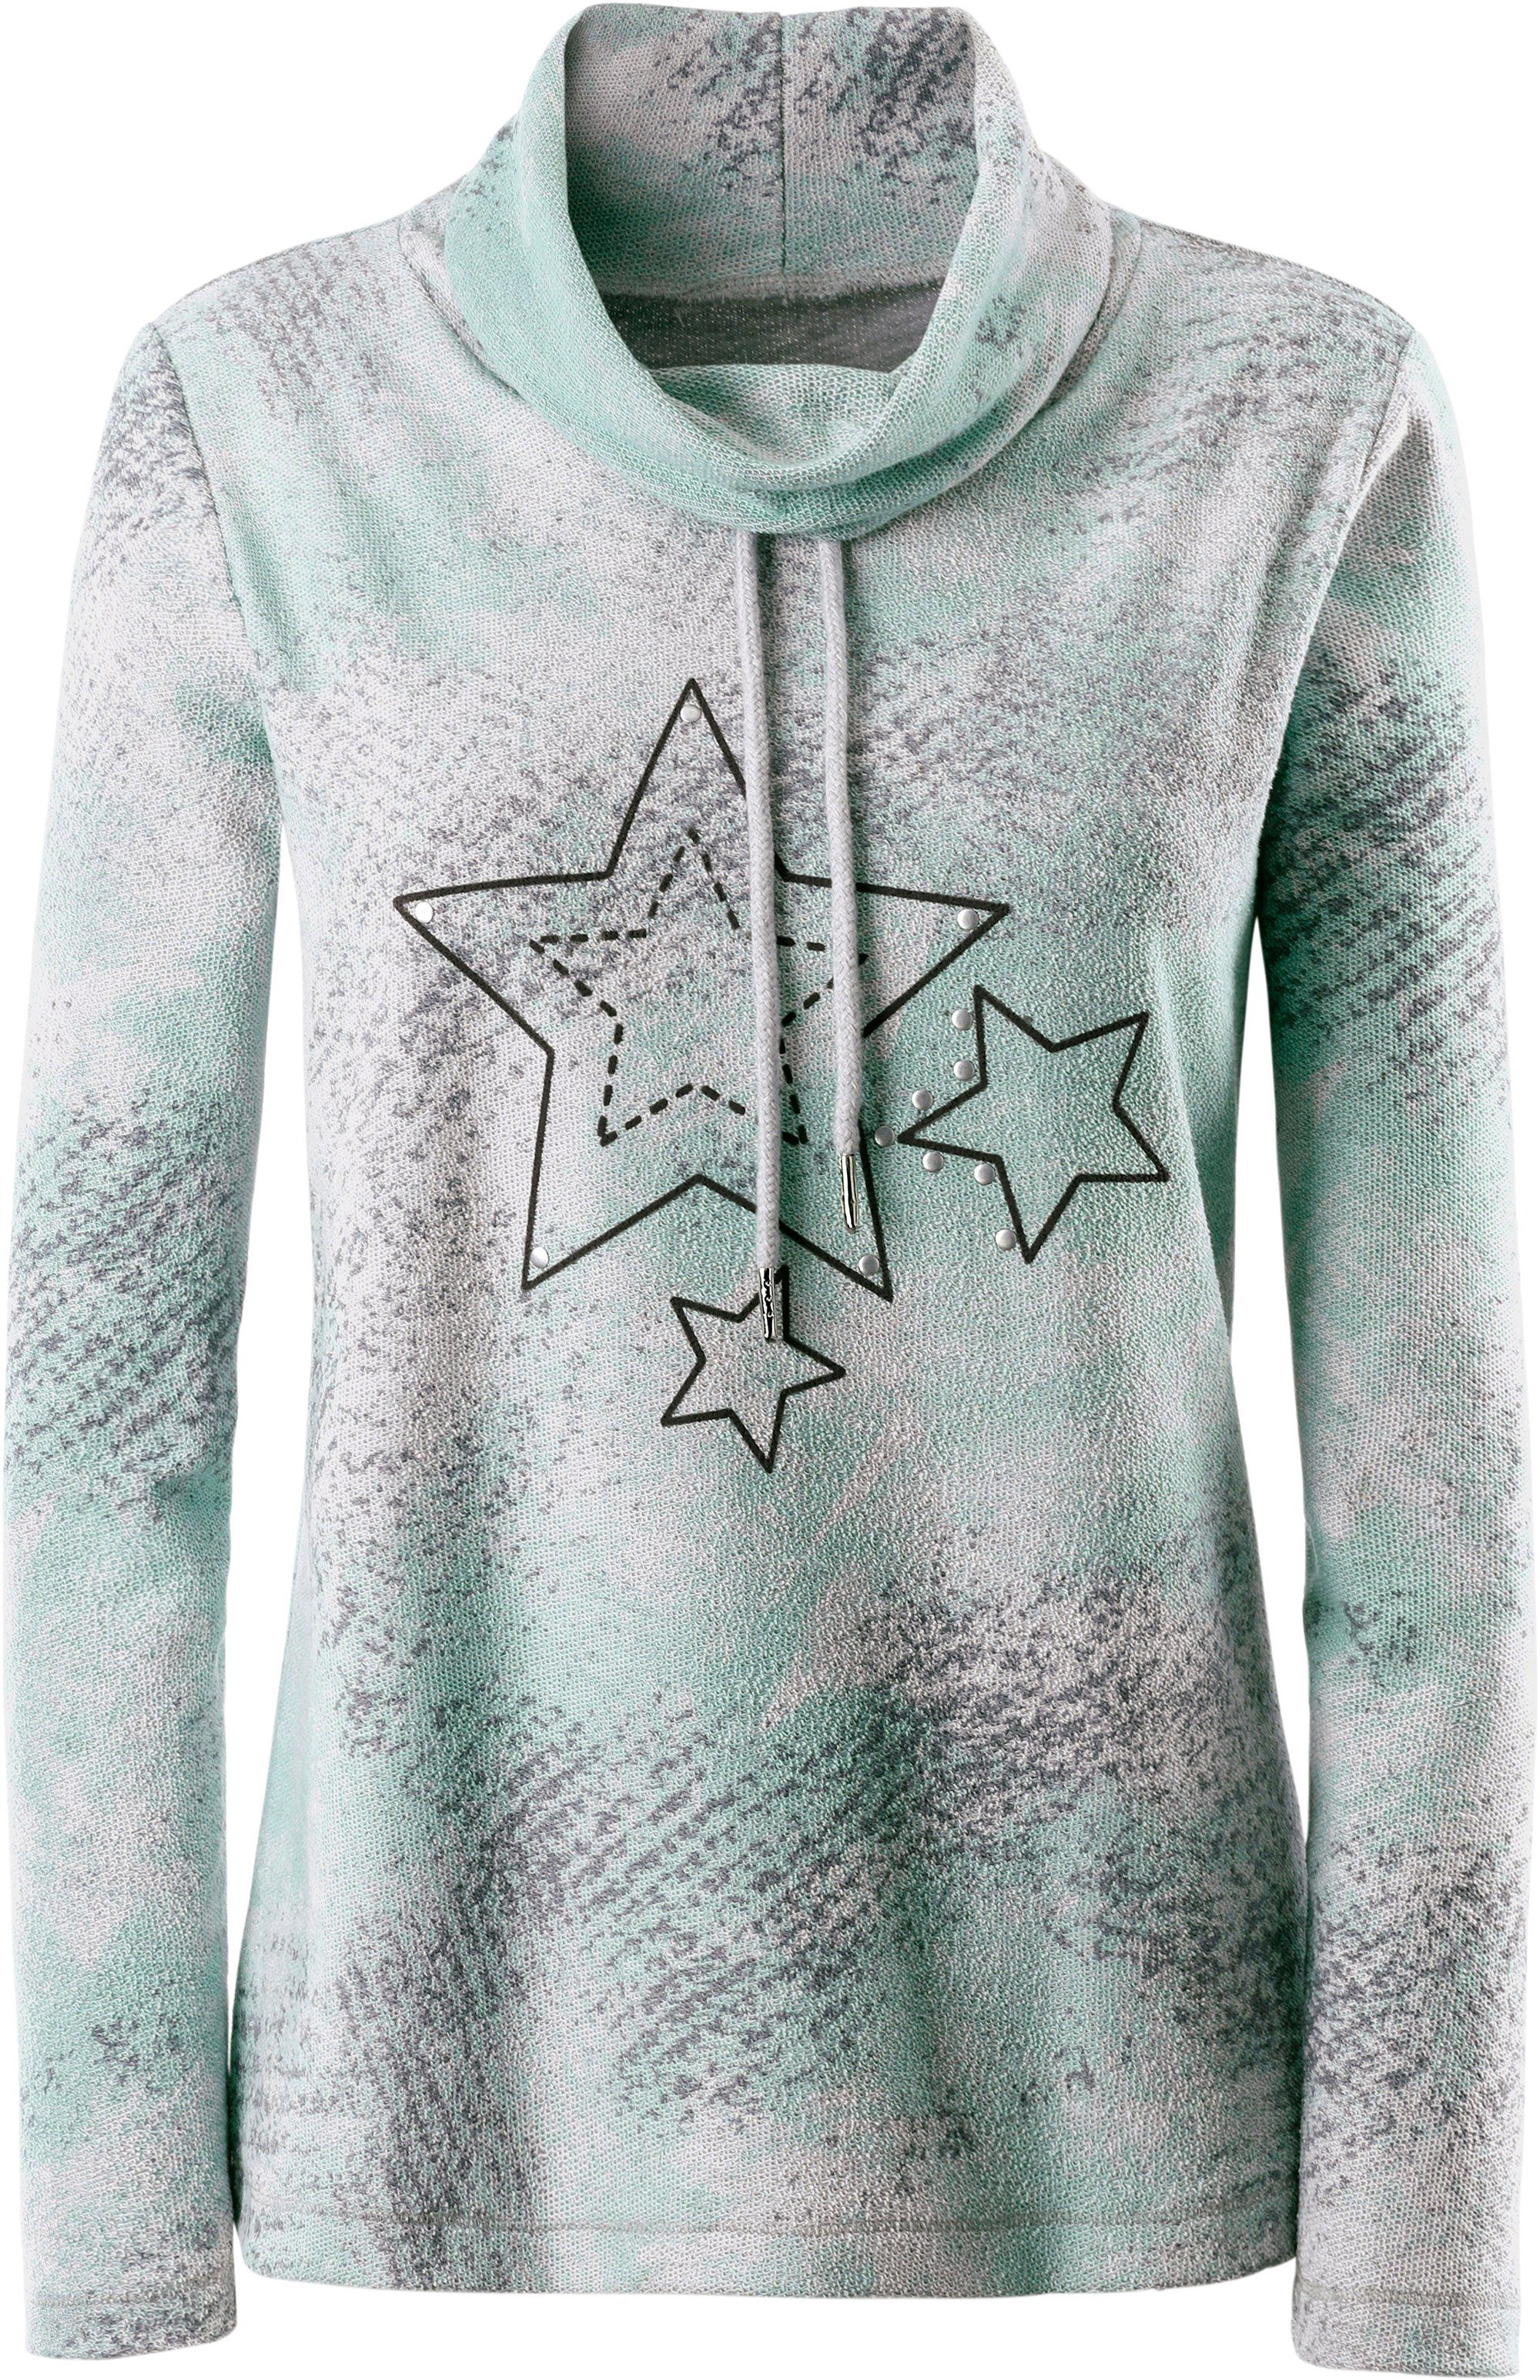 Classic Inspirationen Rollkragen-Shirt mit Sternendruck